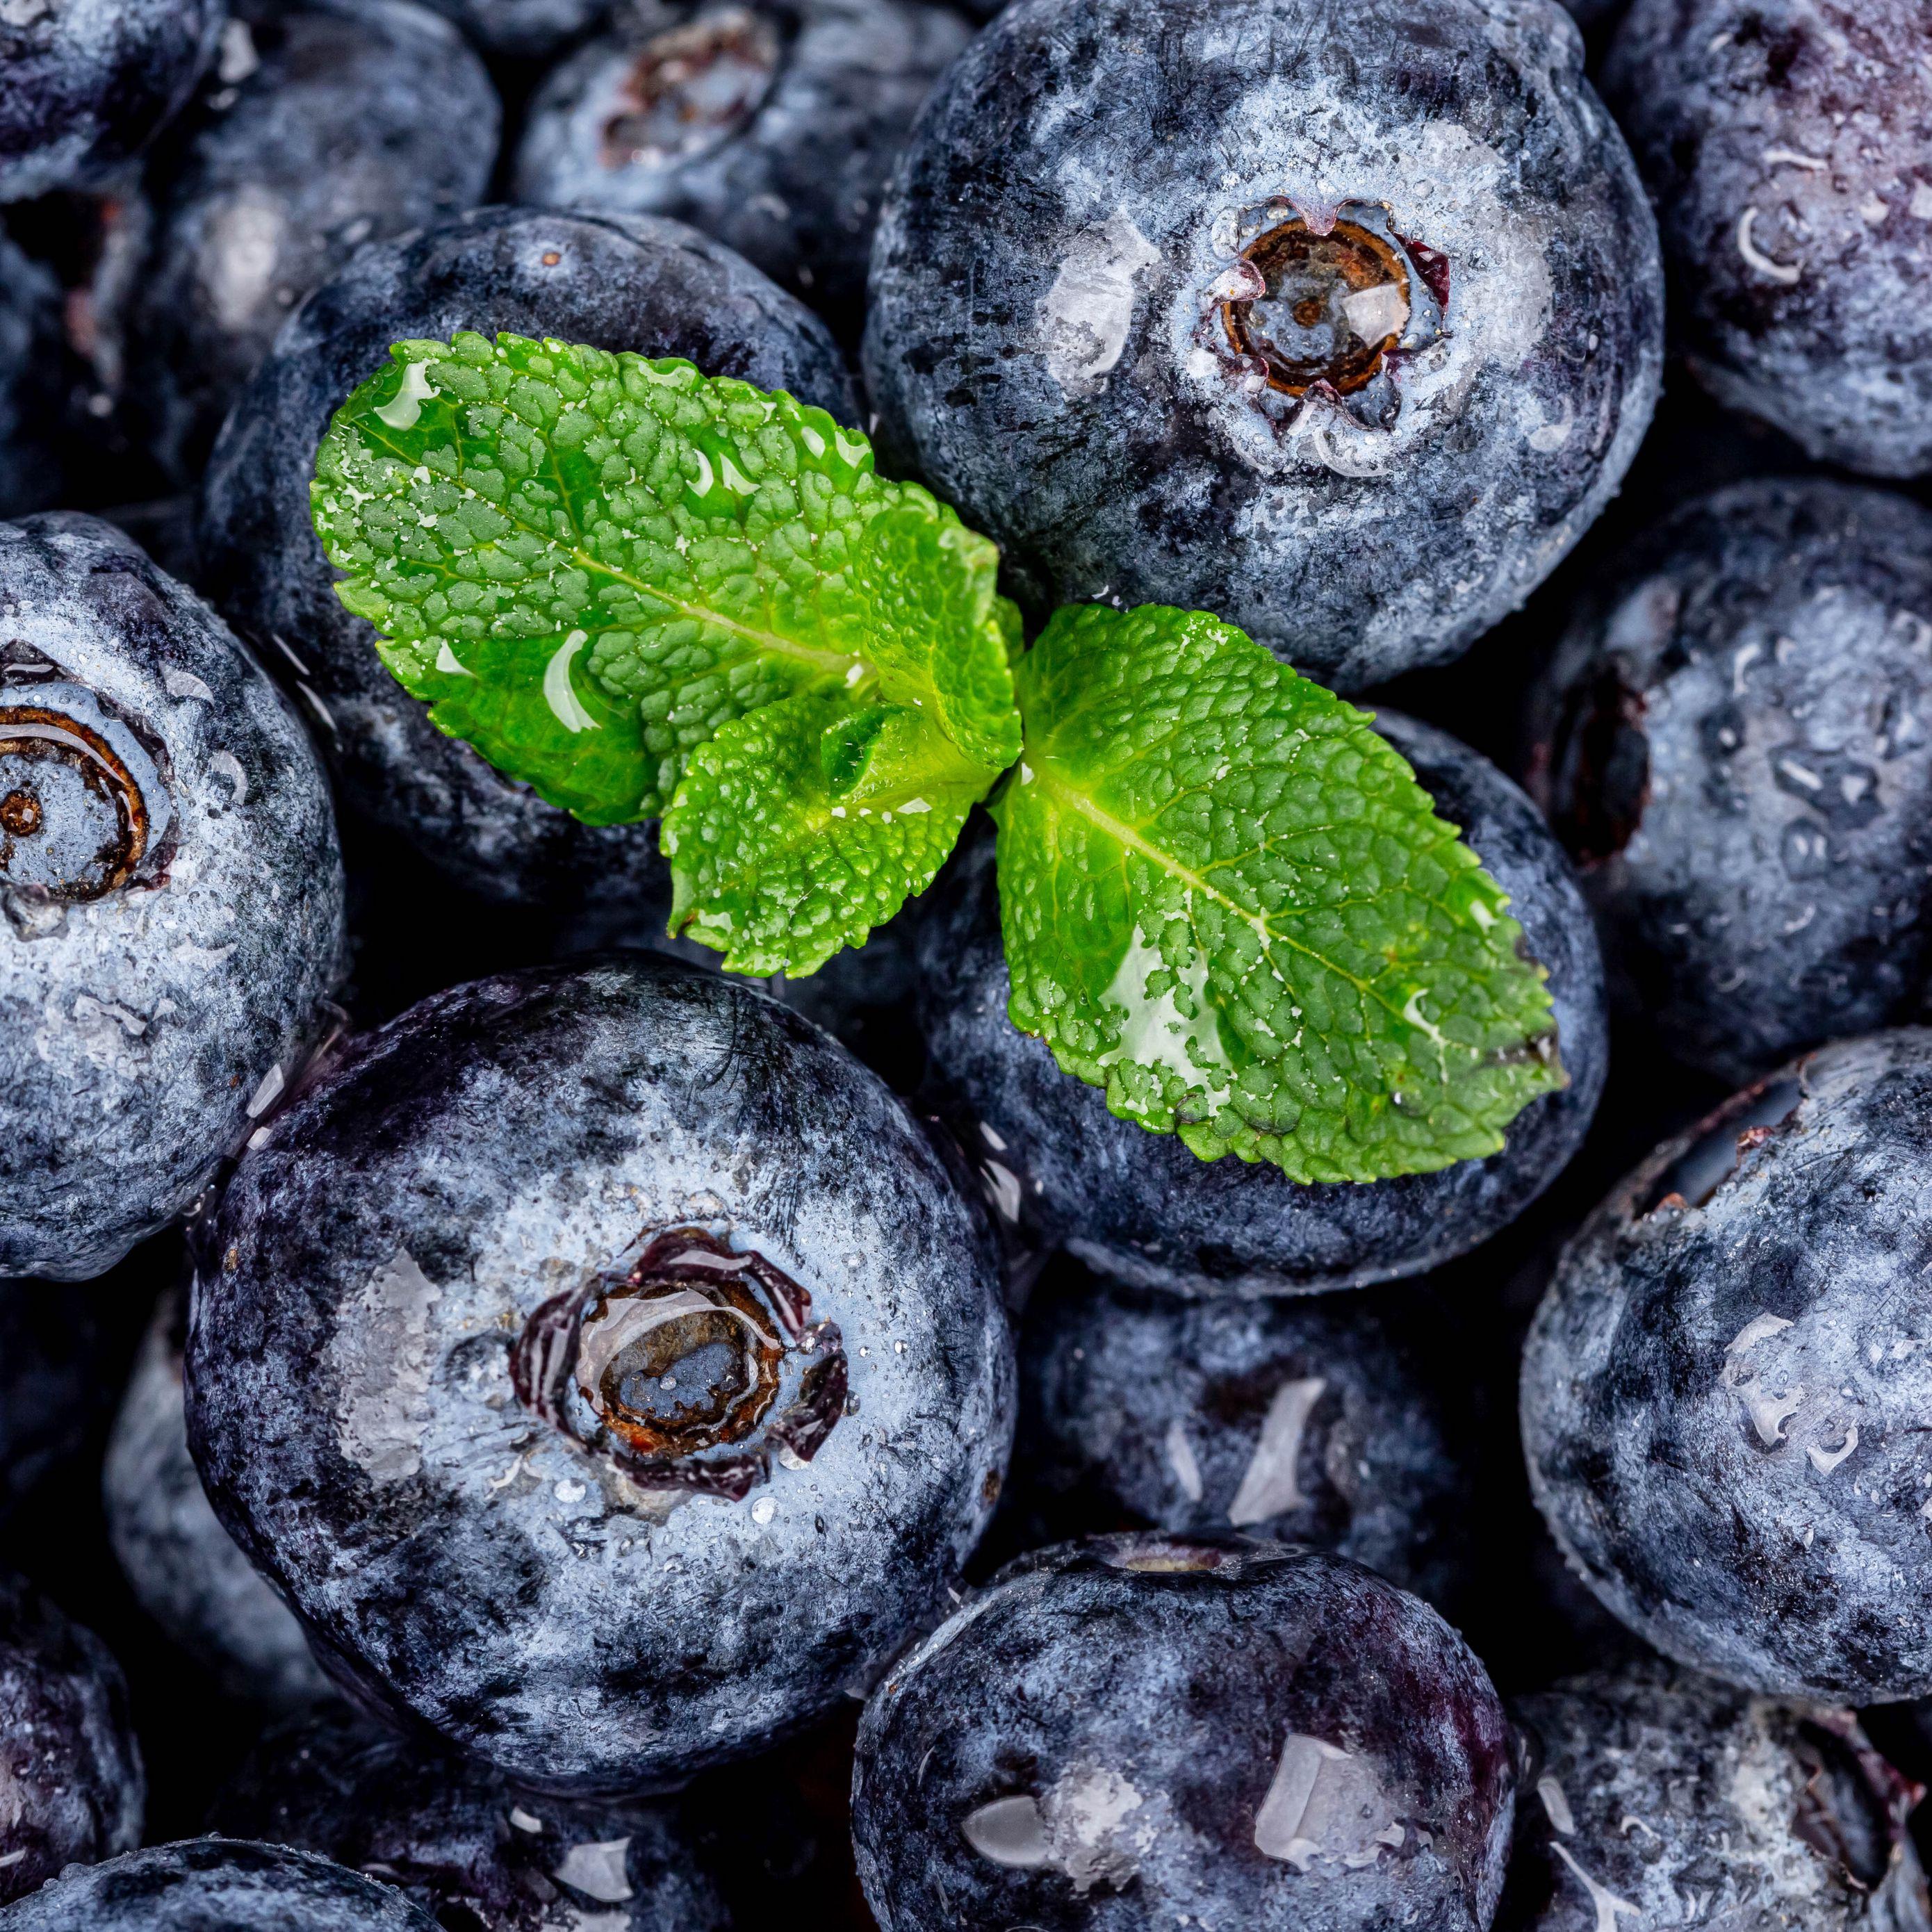 2780x2780 Wallpaper blueberries, berries, mint, wet, macro